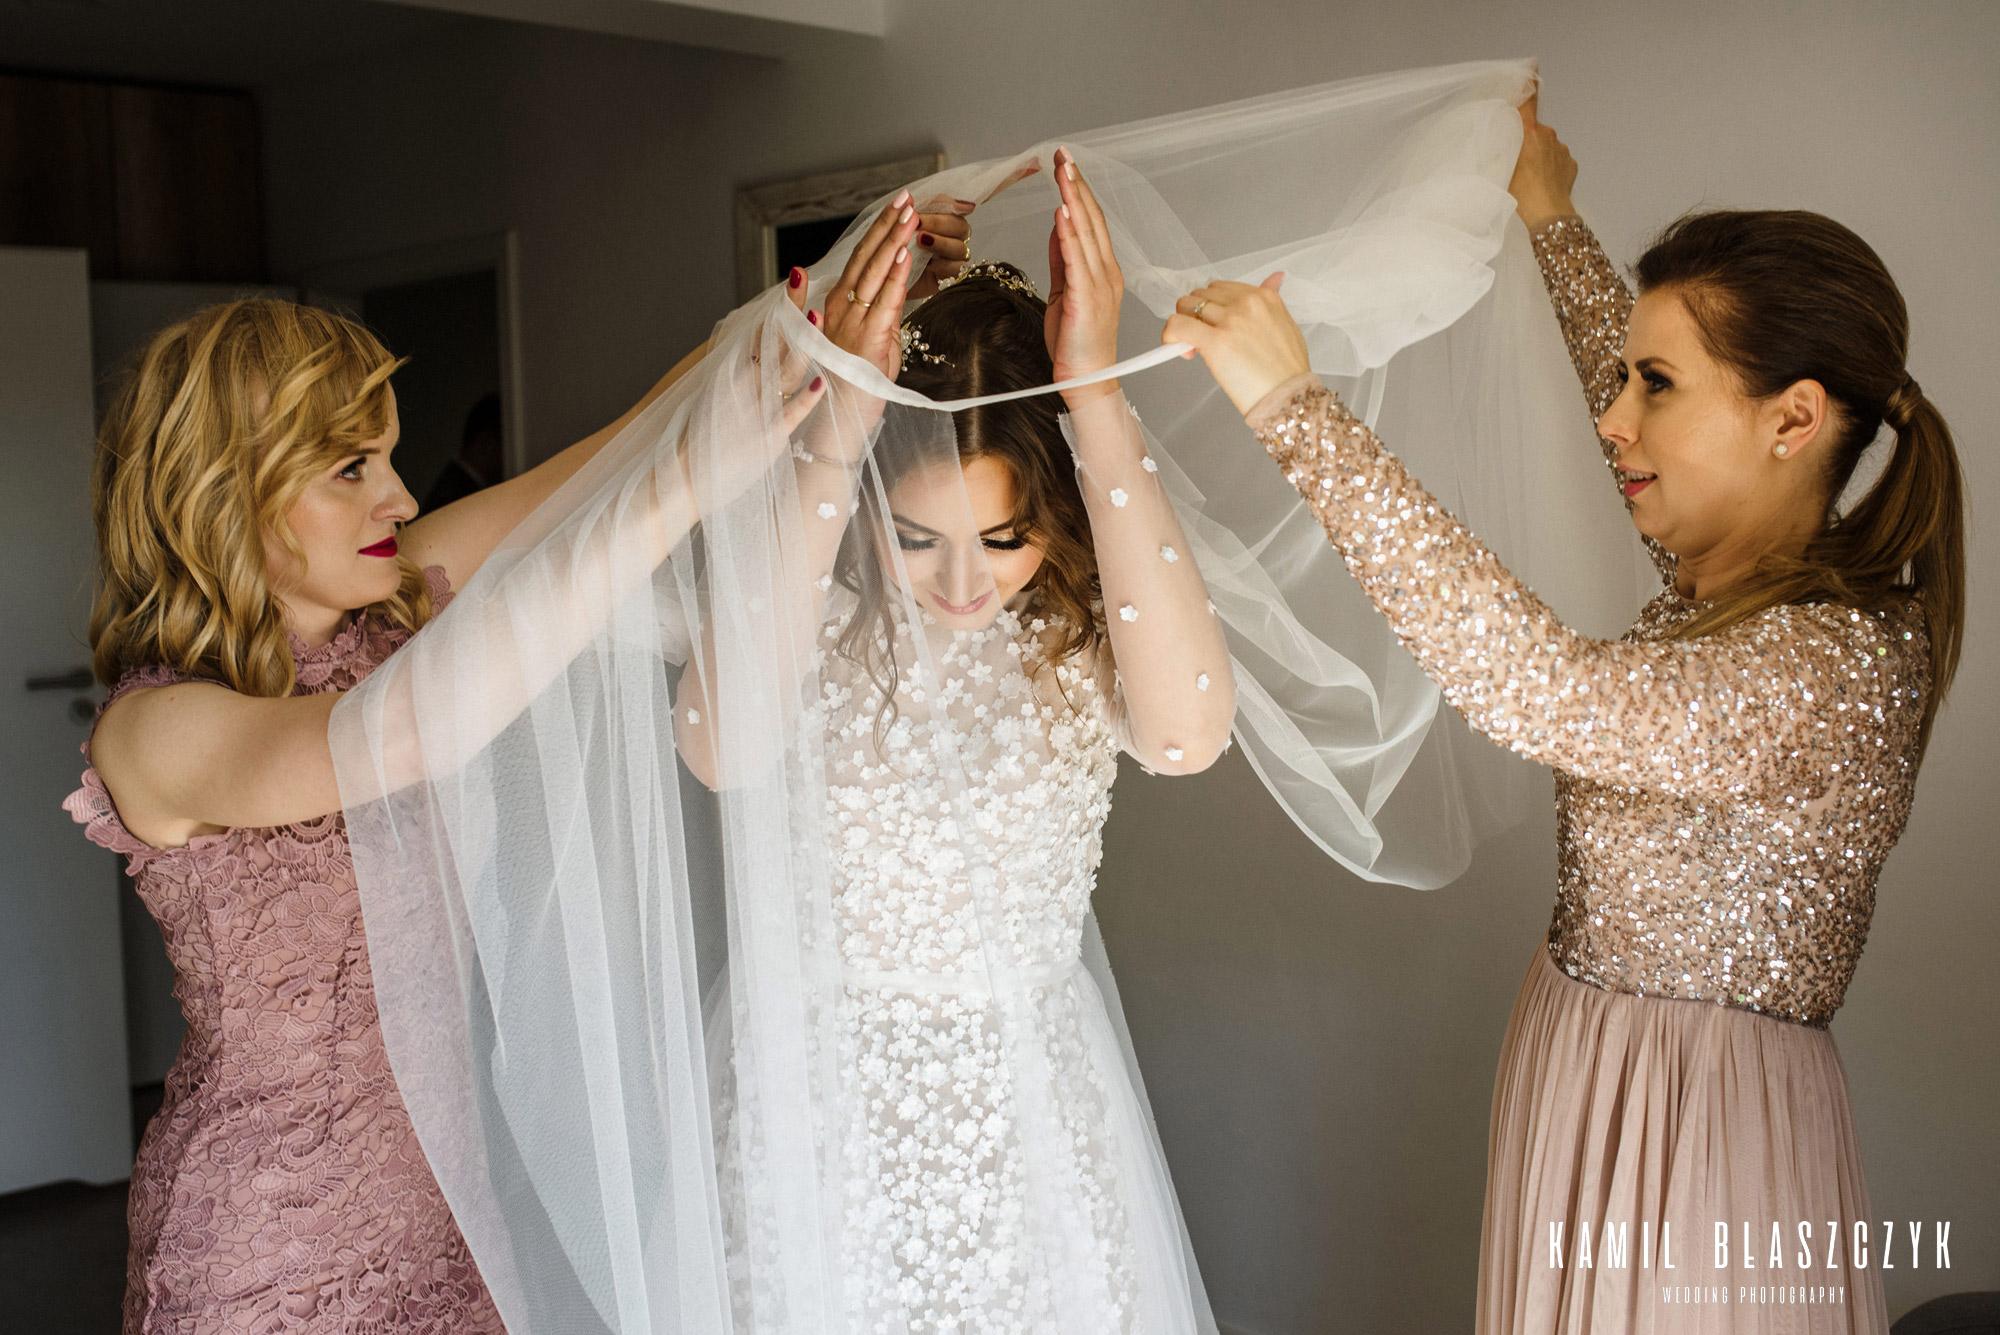 Panna Młoda Asia podczas zakładania sukni ślubnej